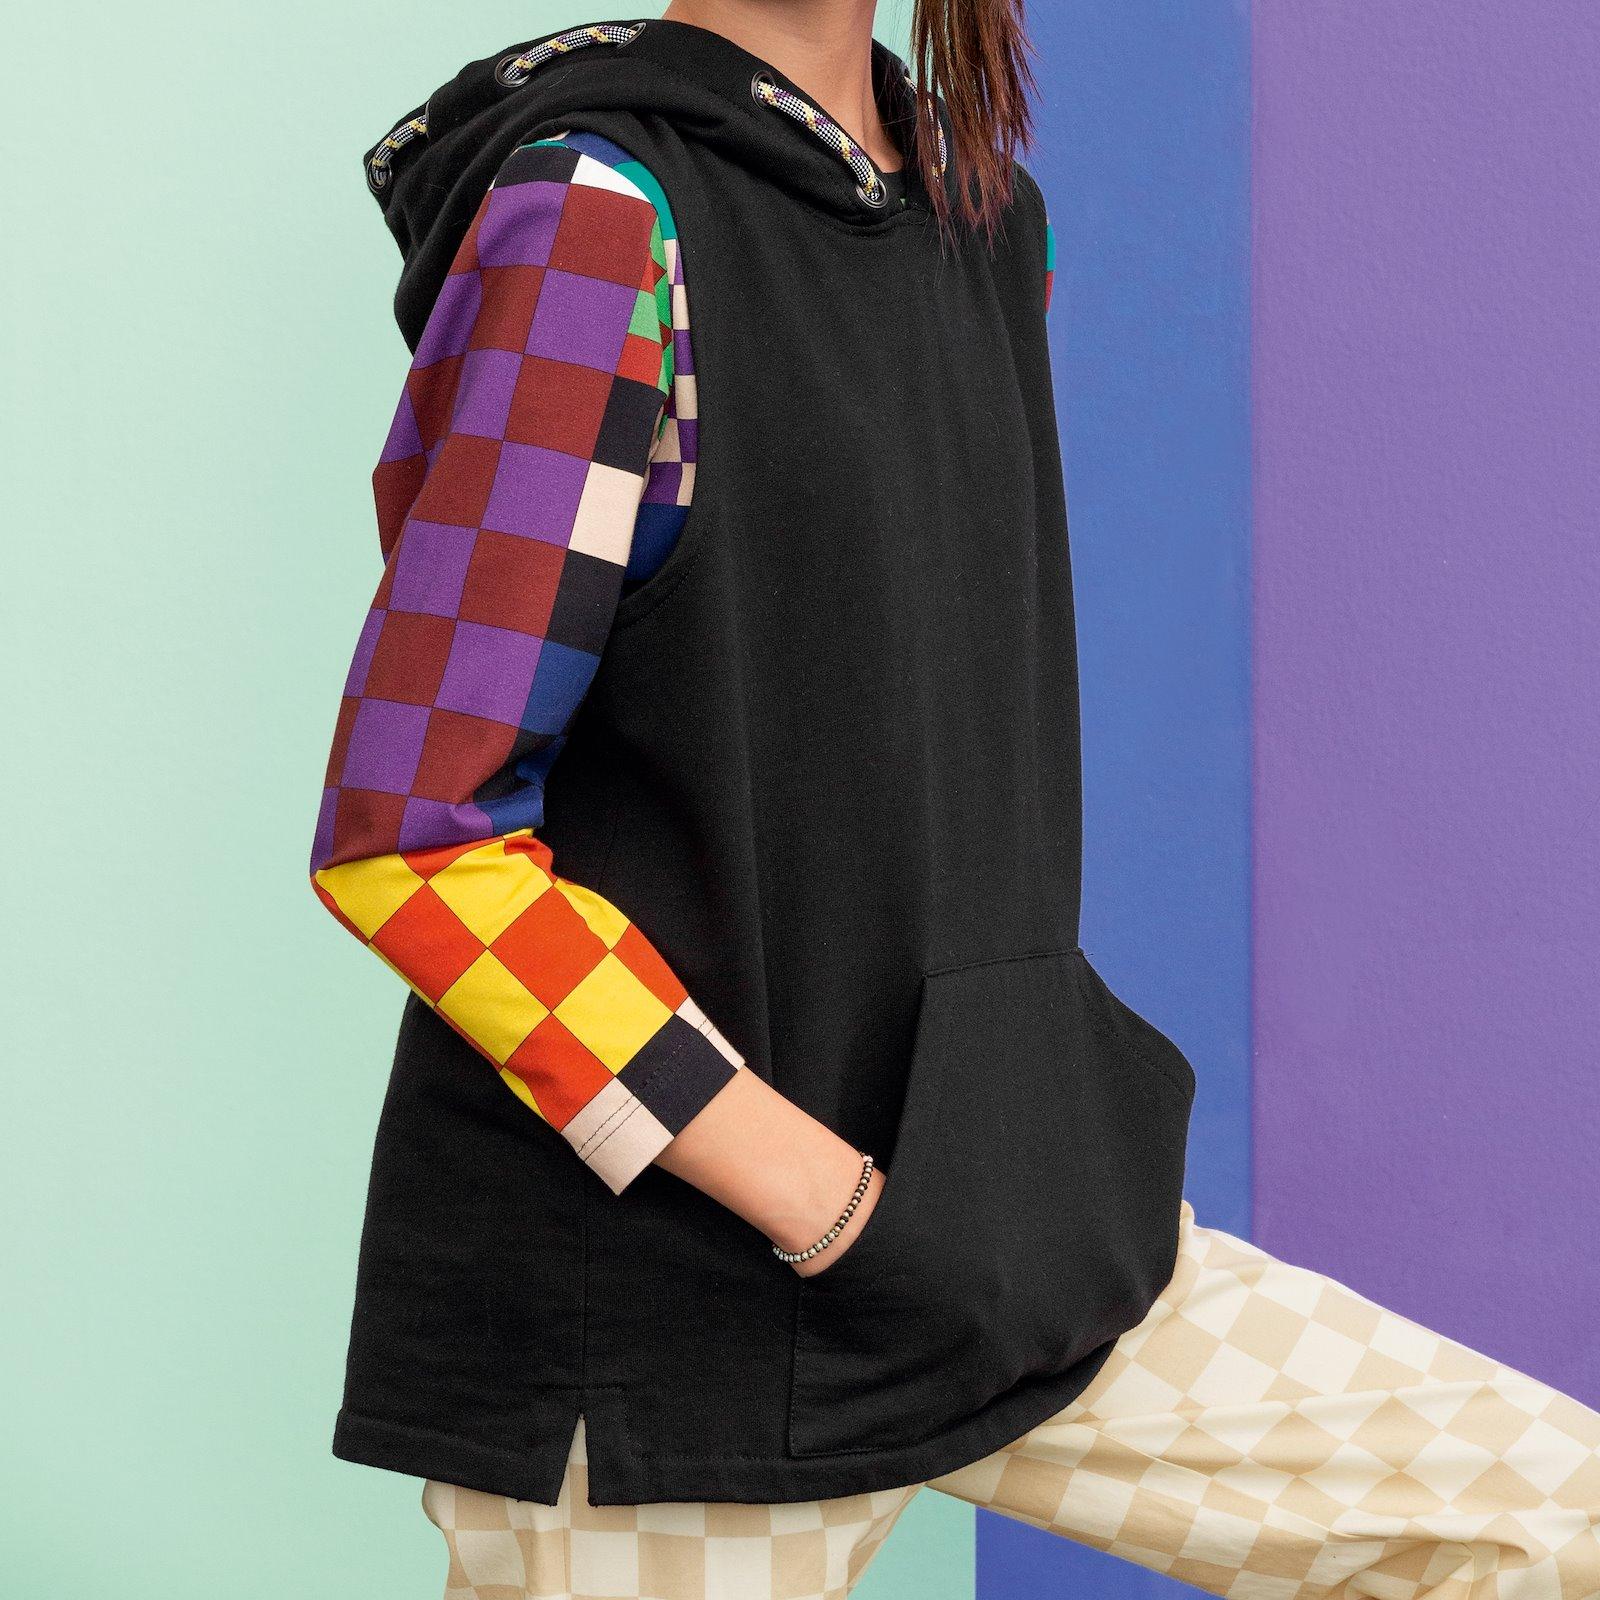 Hoodie waistcoat, 104/4y p62021_211759_230638_43690_22276_p62017_272807_p60034_420420_bundle